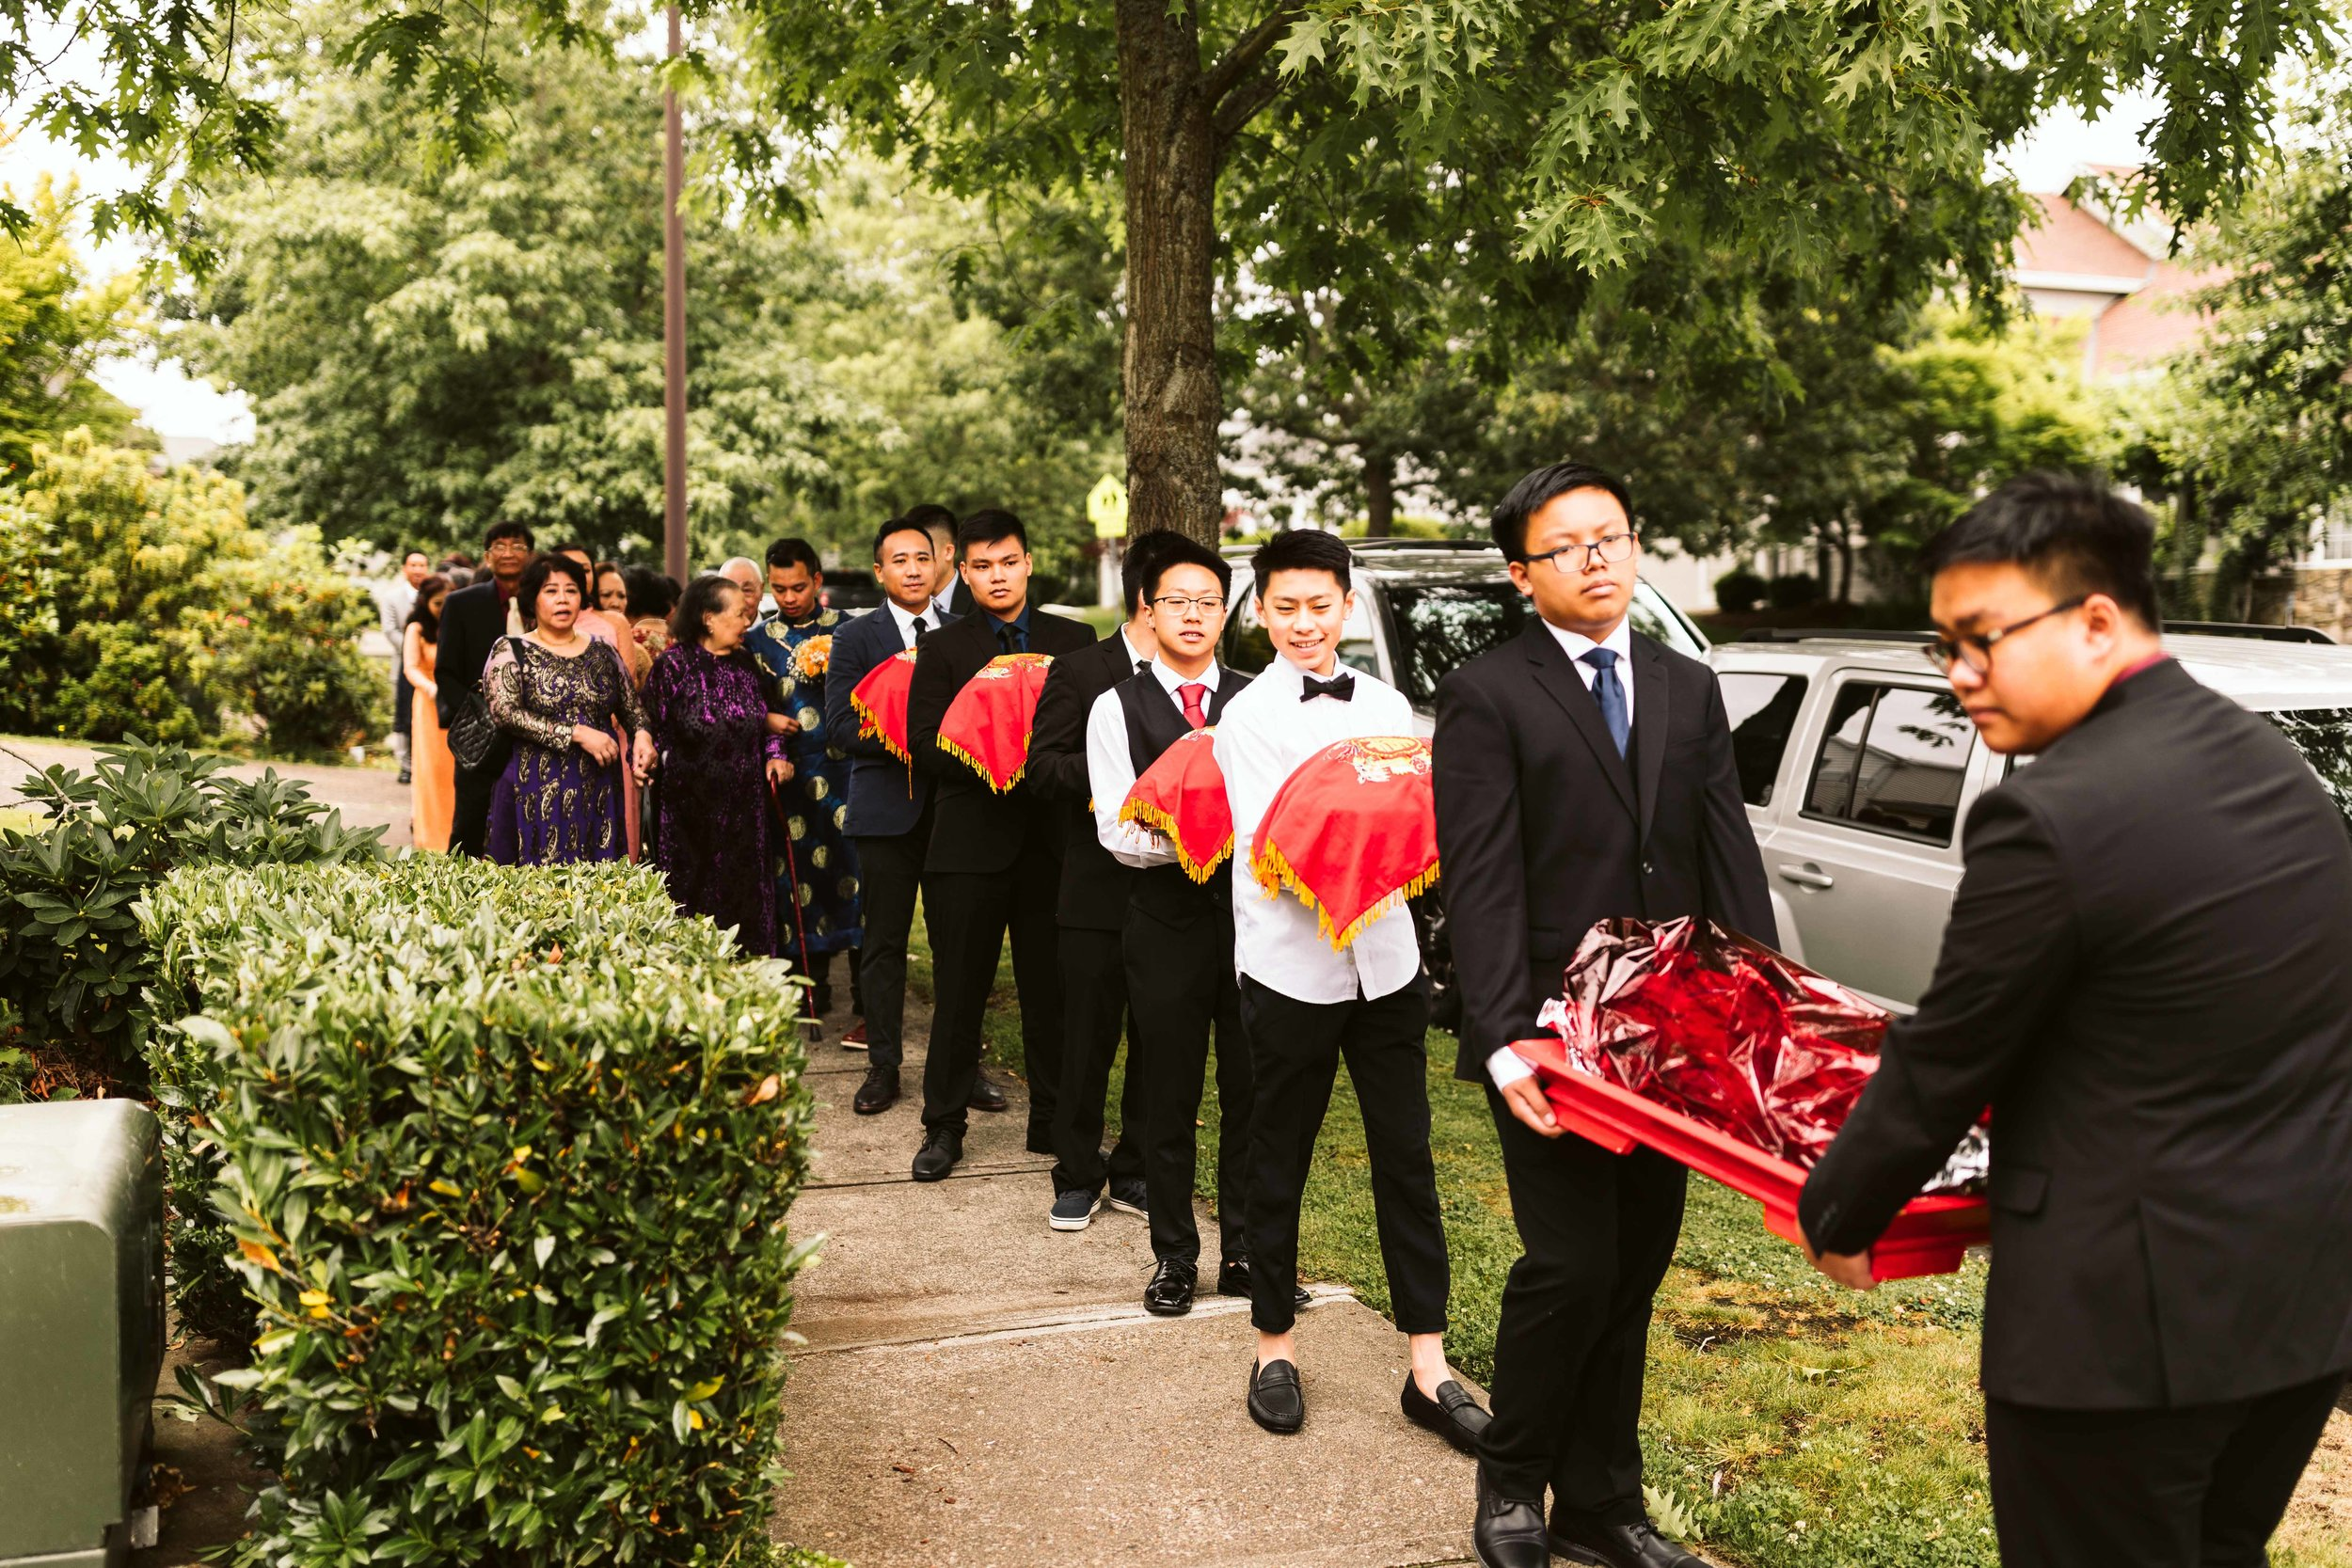 portland-oregon-wedding-11.jpg